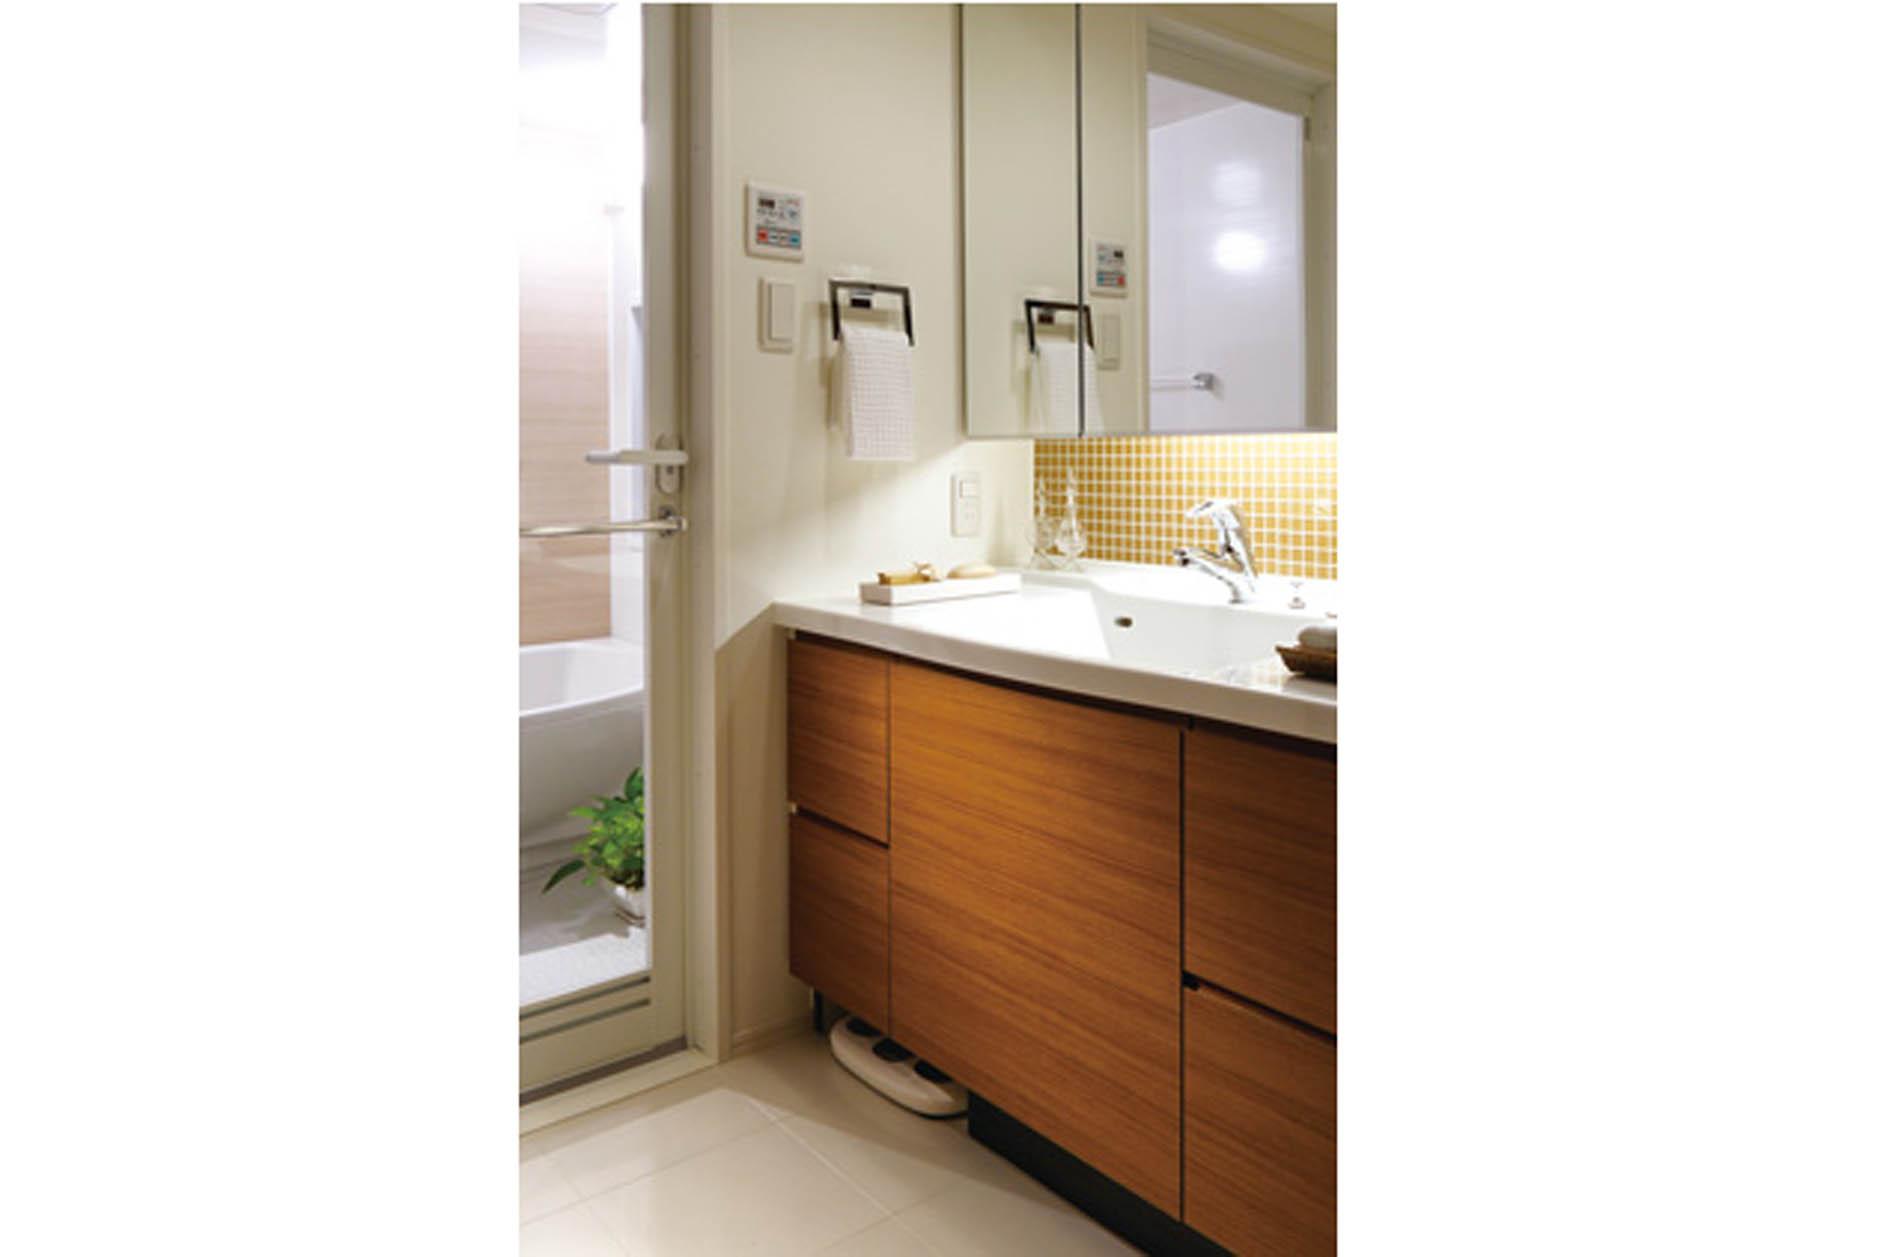 メイクも楽しめるホテルライクなパウダールーム。三面鏡の下はデザインタイルで仕上げ、間接照明も採用。(MR撮影) イメージ